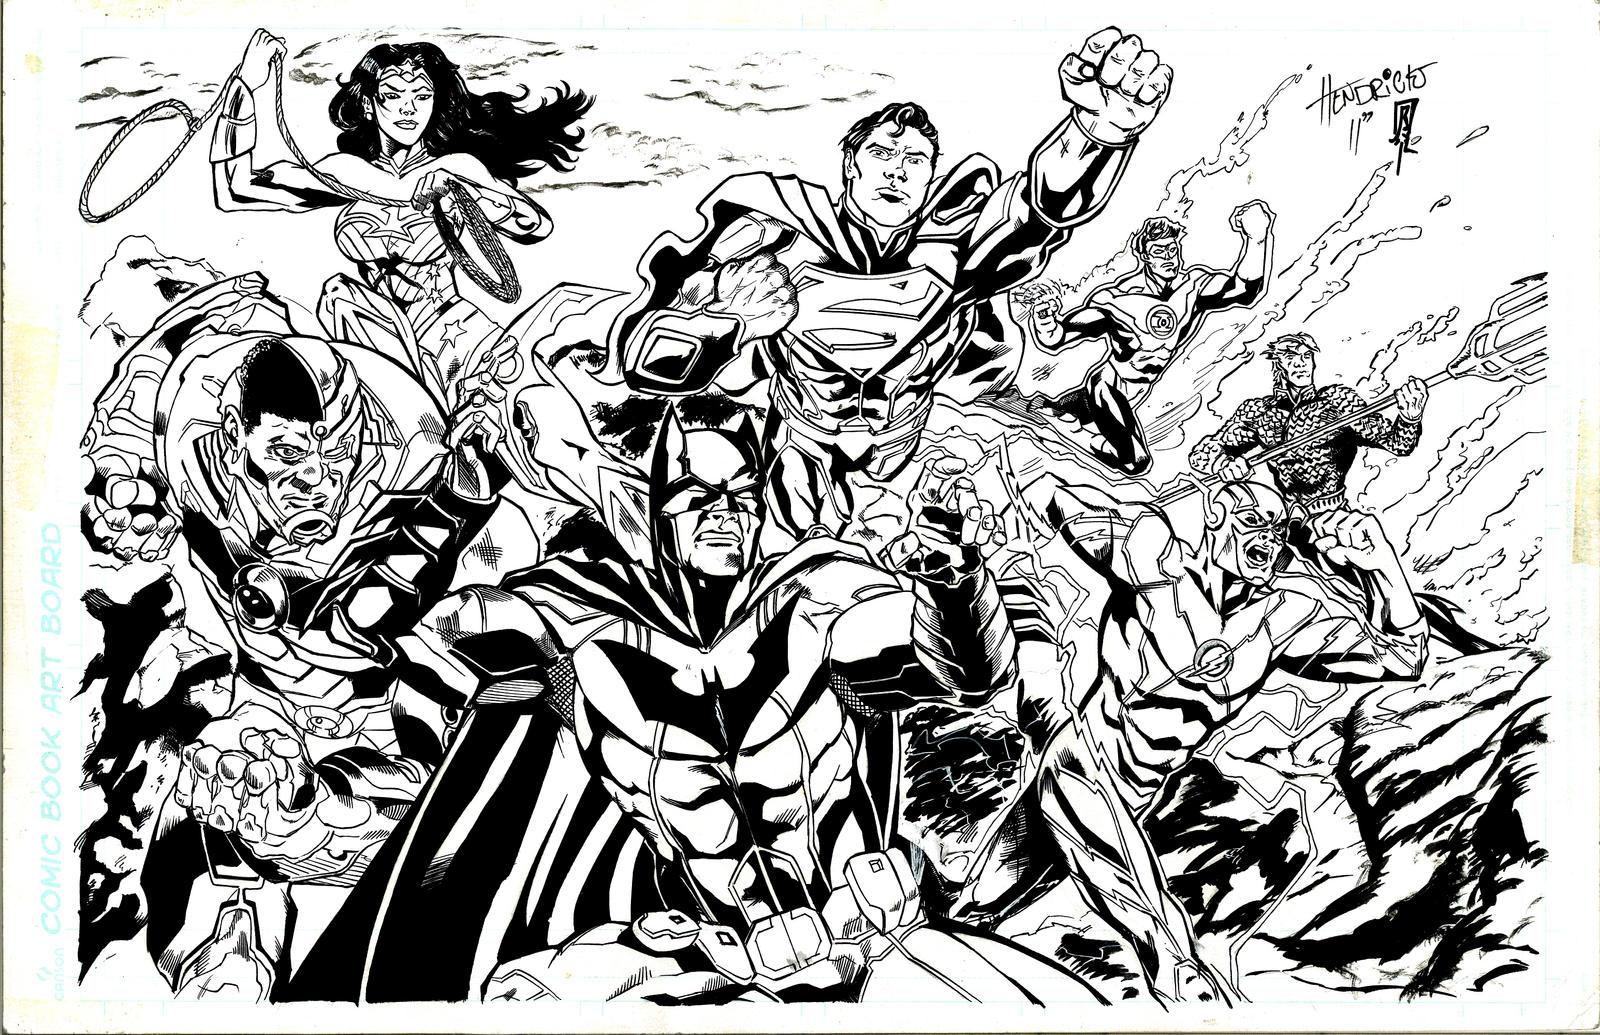 Coloring pages justice league - Justice League Pinup By Giberwitz Justice League Pinup By Giberwitz